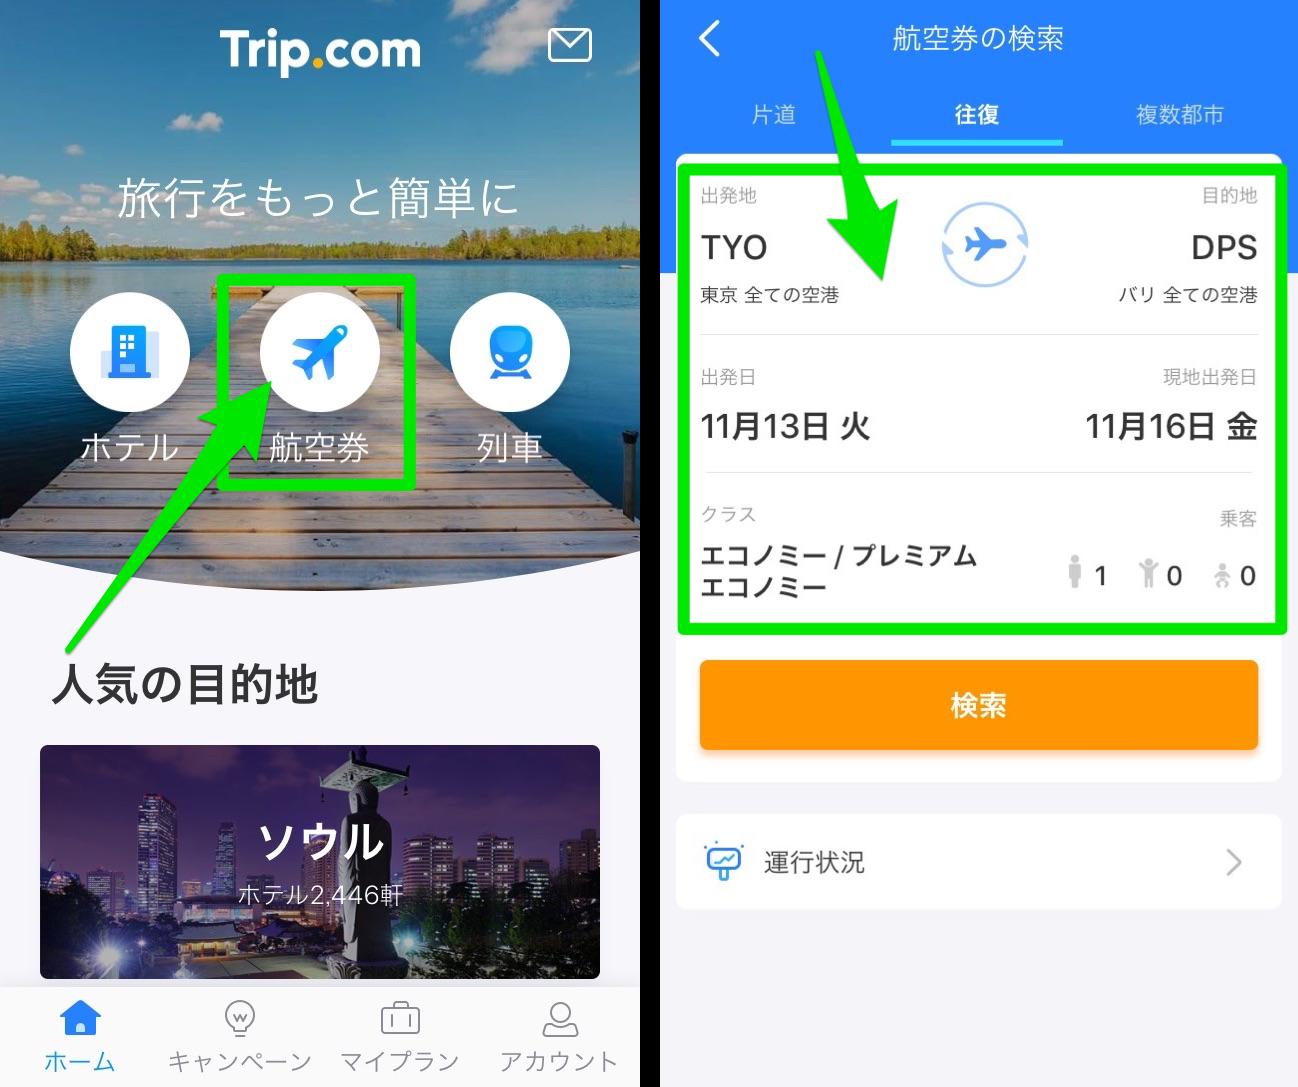 Trip.com(旧Ctrip)アプリで航空券予約